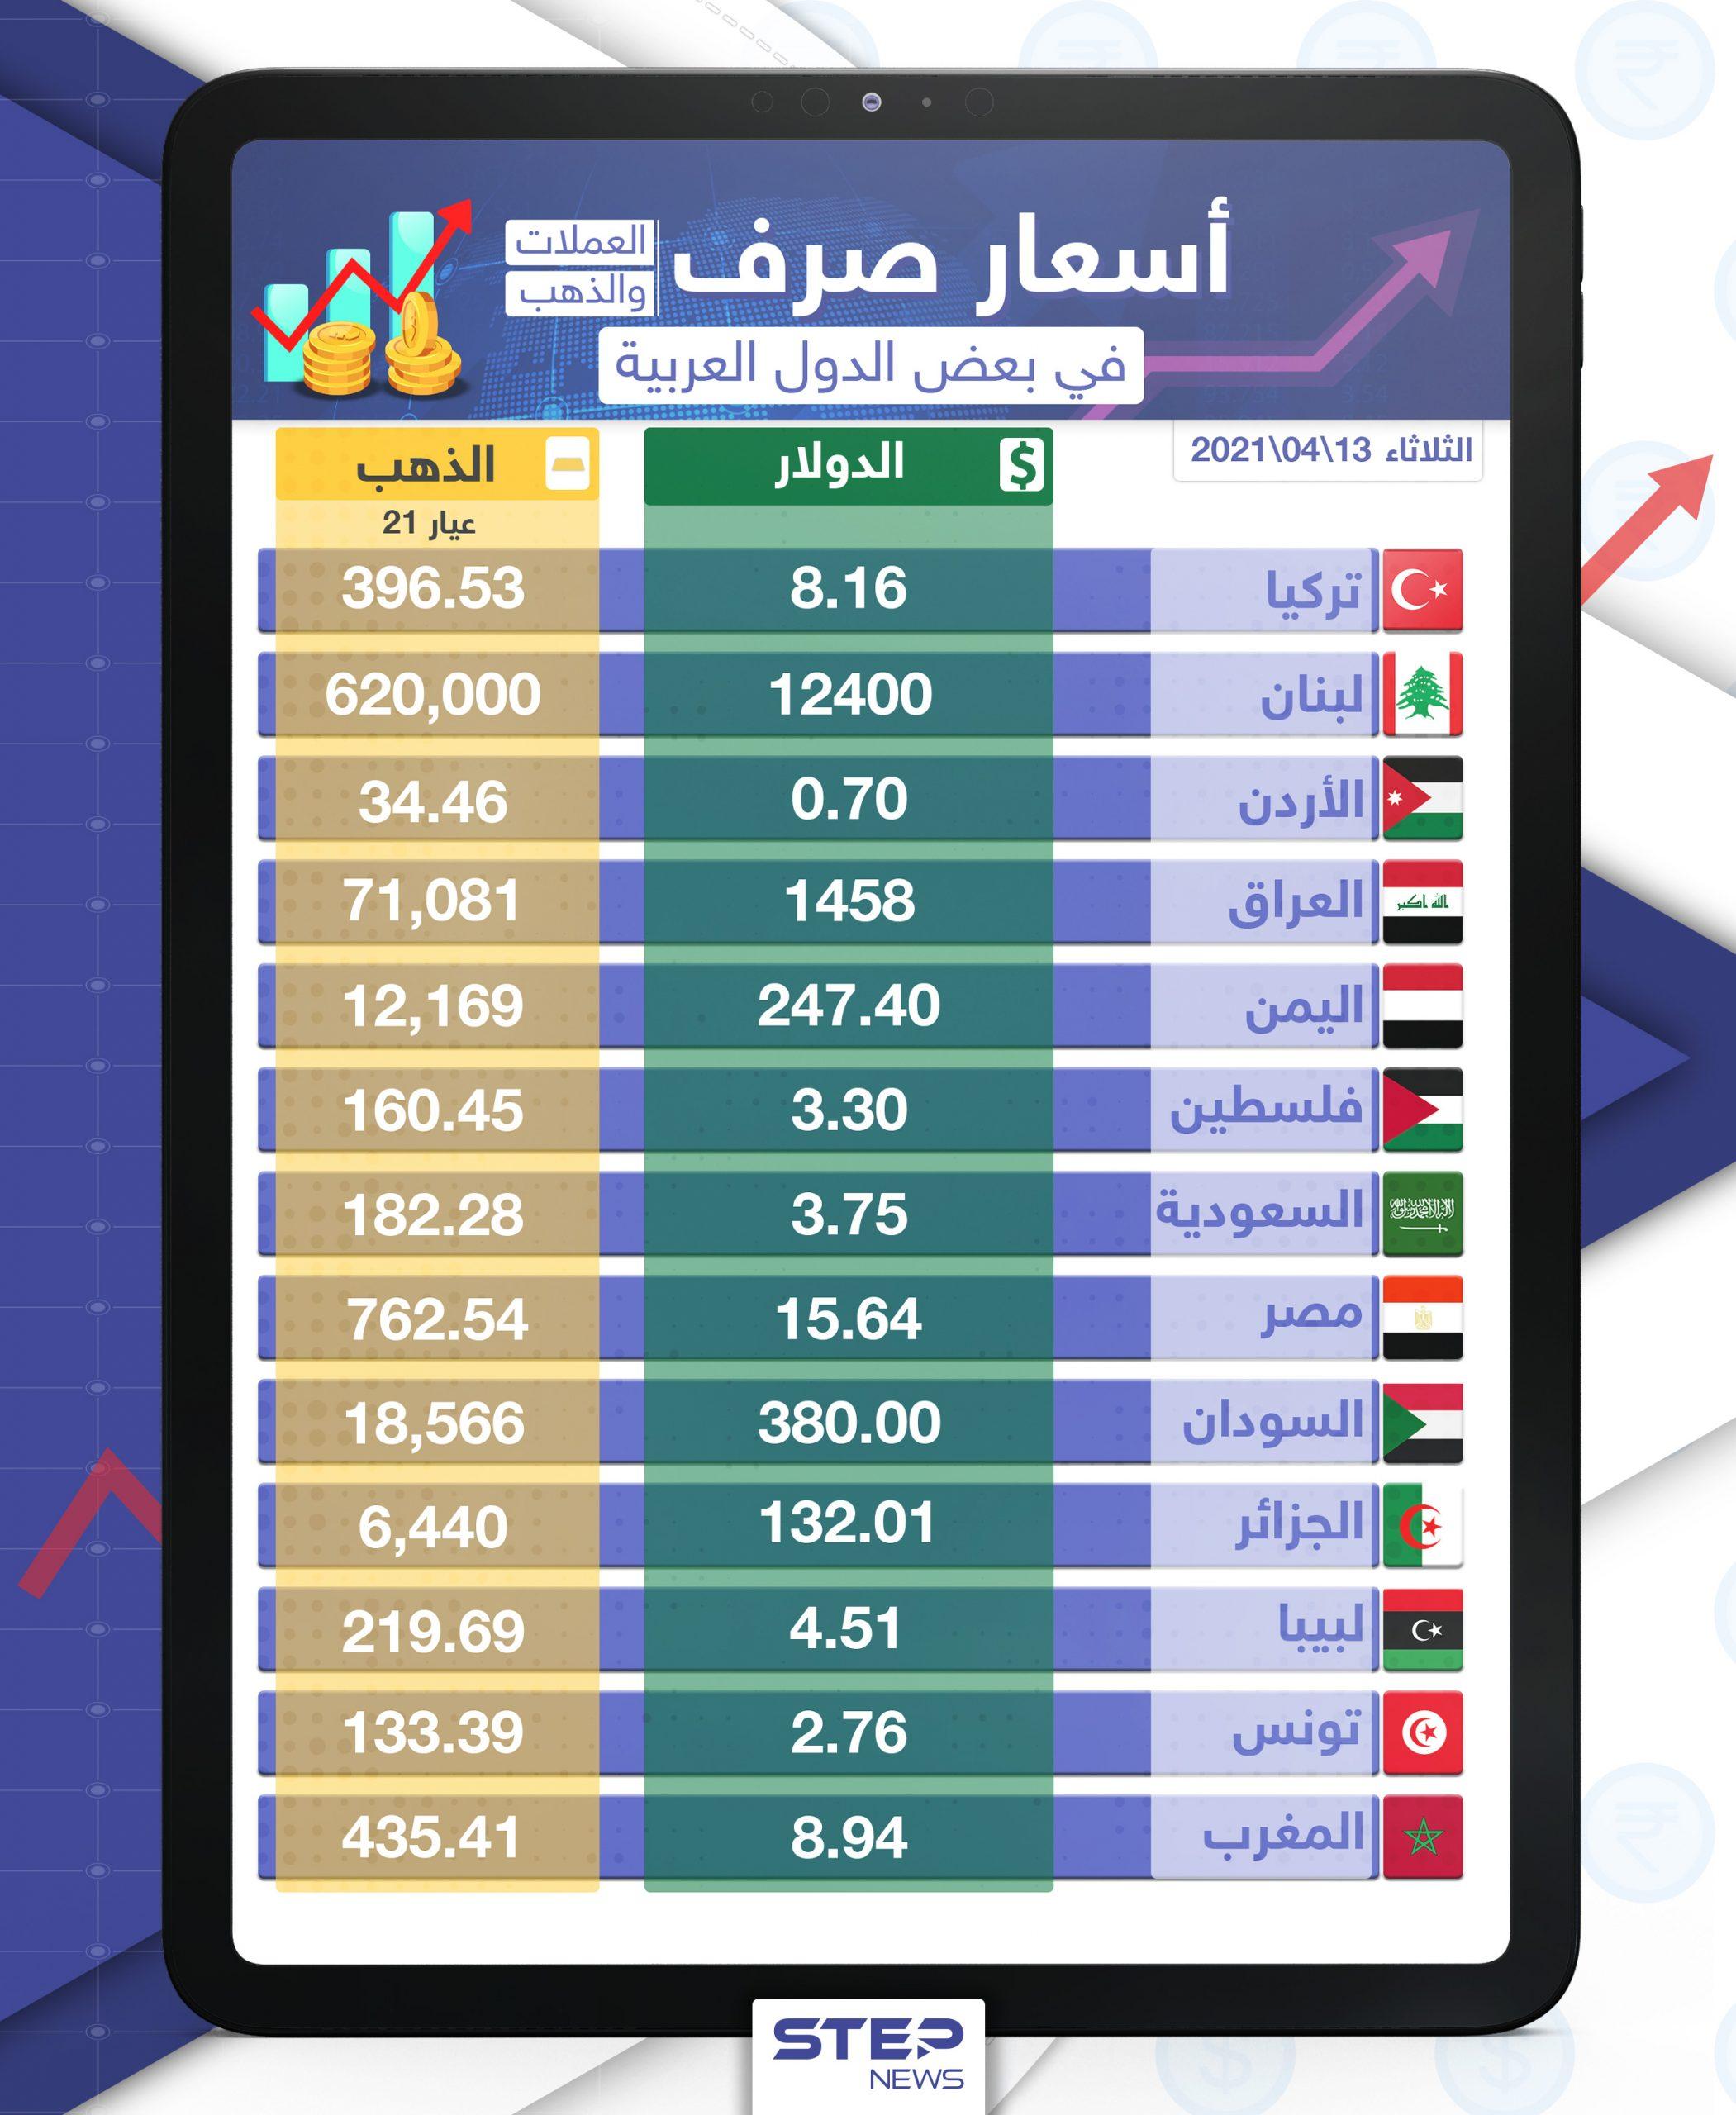 أسعار الذهب والعملات للدول العربية وتركيا اليوم الثلاثاء الموافق 13 نيسان 2021